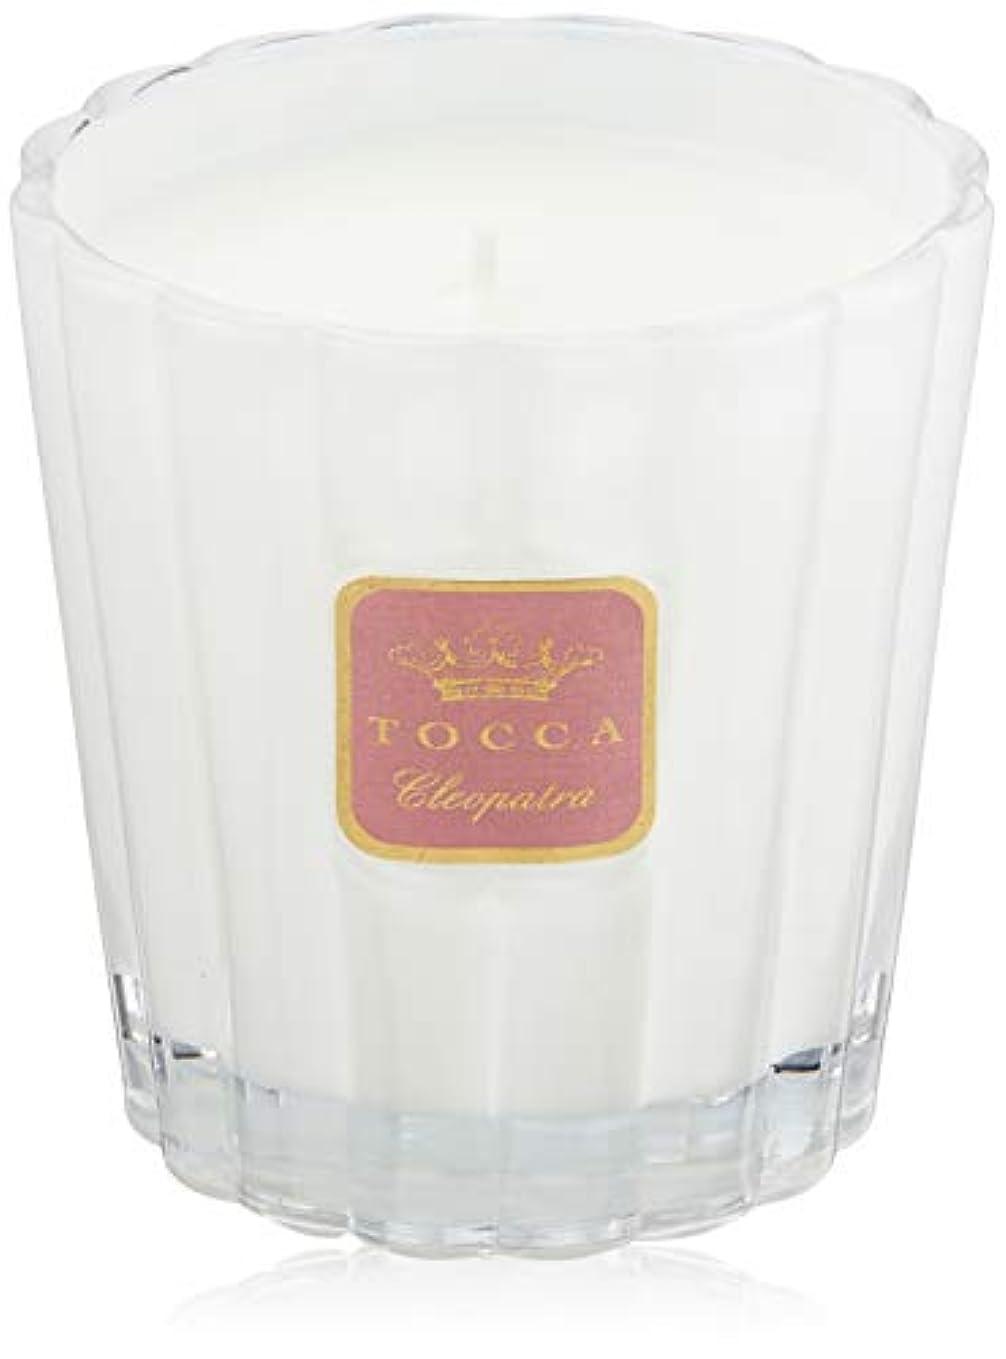 受付寝室を掃除するかすれたトッカ(TOCCA) キャンドル クレオパトラの香り 約287g (ろうそく フレッシュでクリーンな香り)